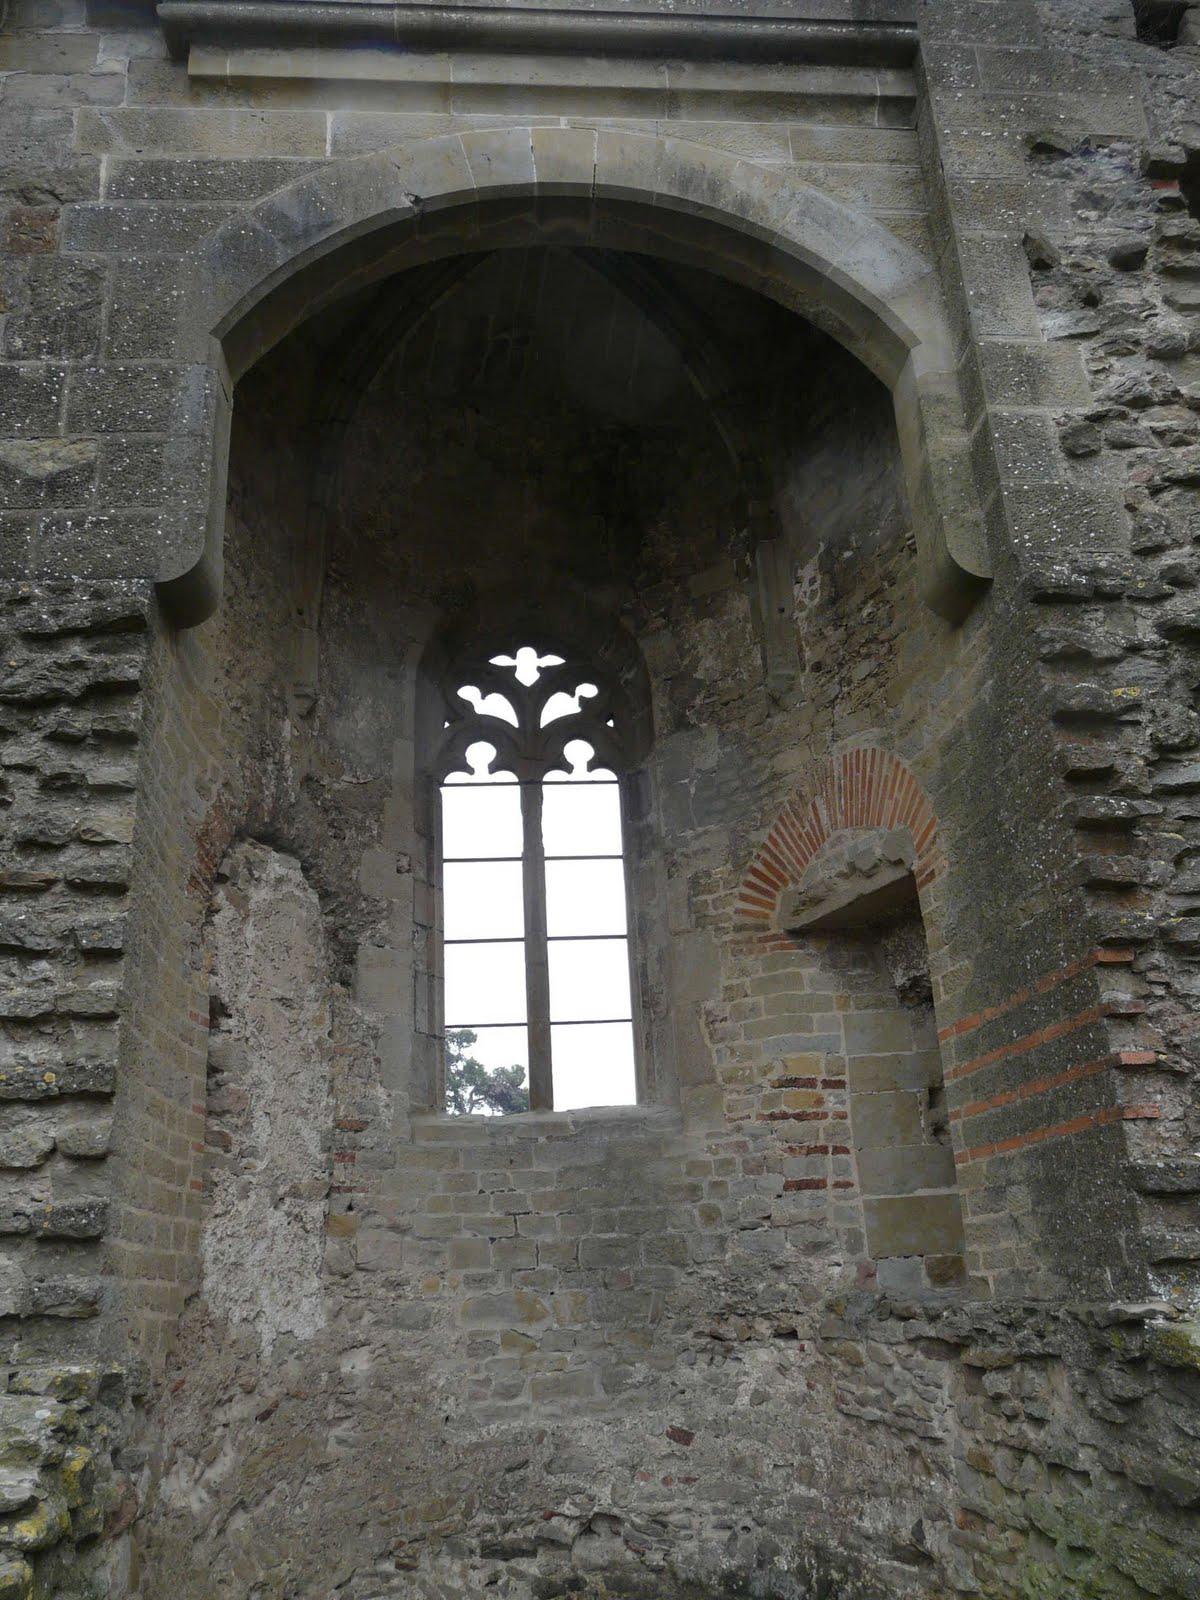 Une fenêtre : tout ce qu'il reste de l'église Saint-Sernin après la révolution